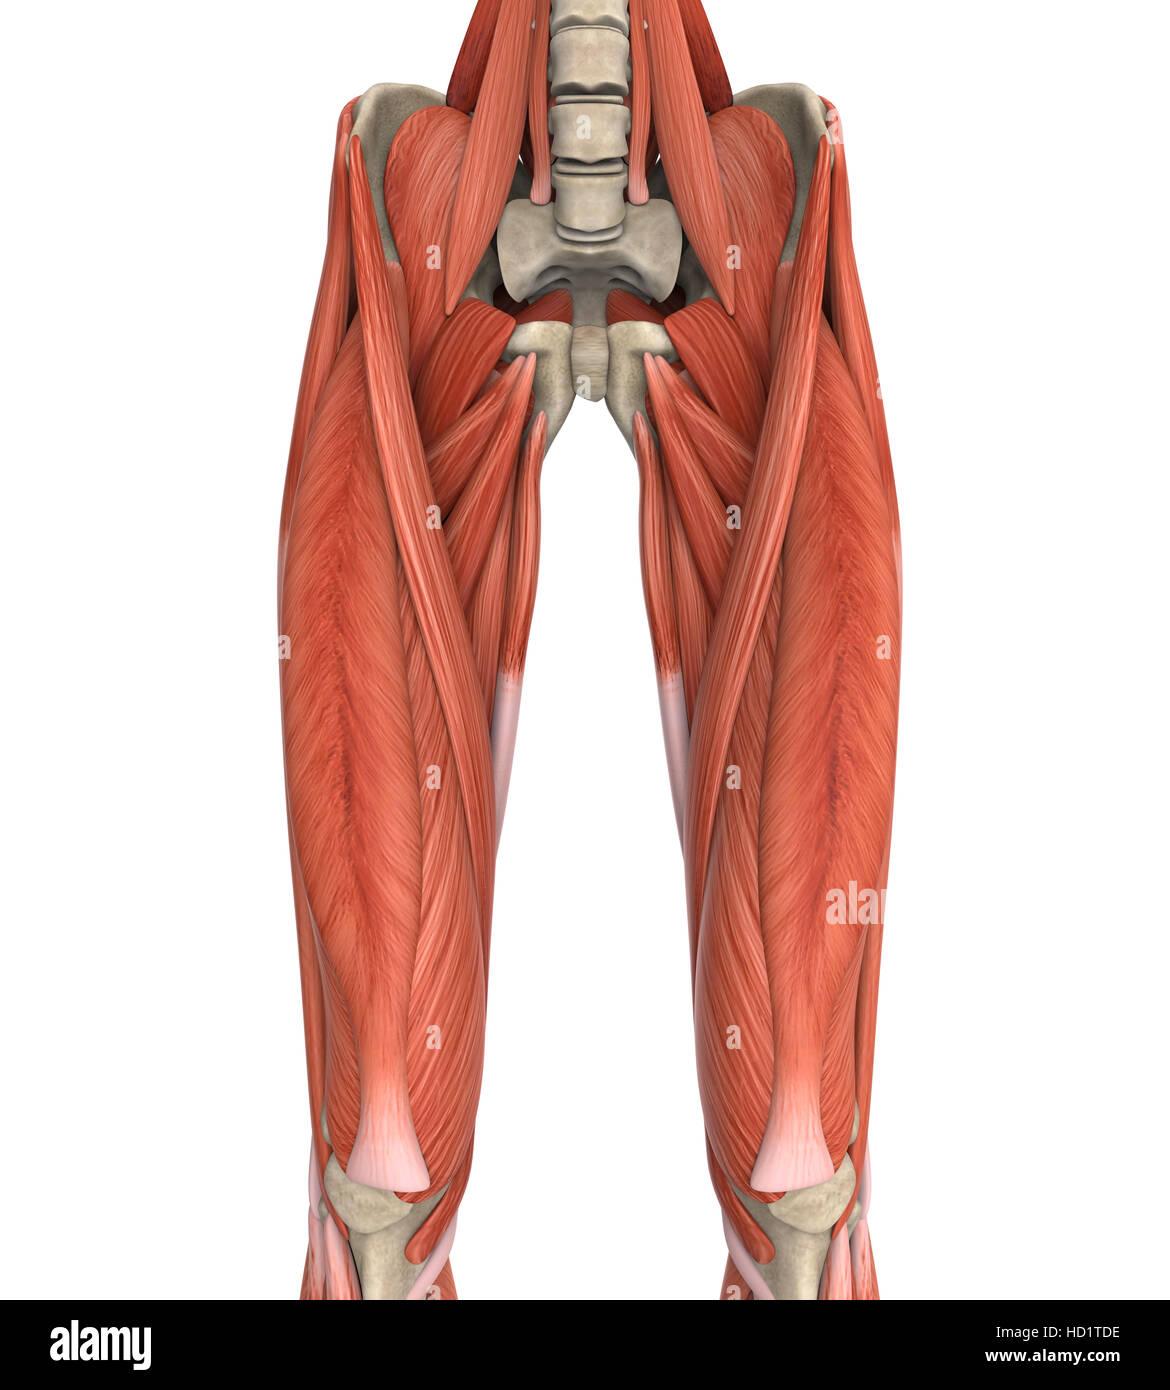 Oberschenkel Muskeln Anatomie Stockfoto, Bild: 128504250 - Alamy